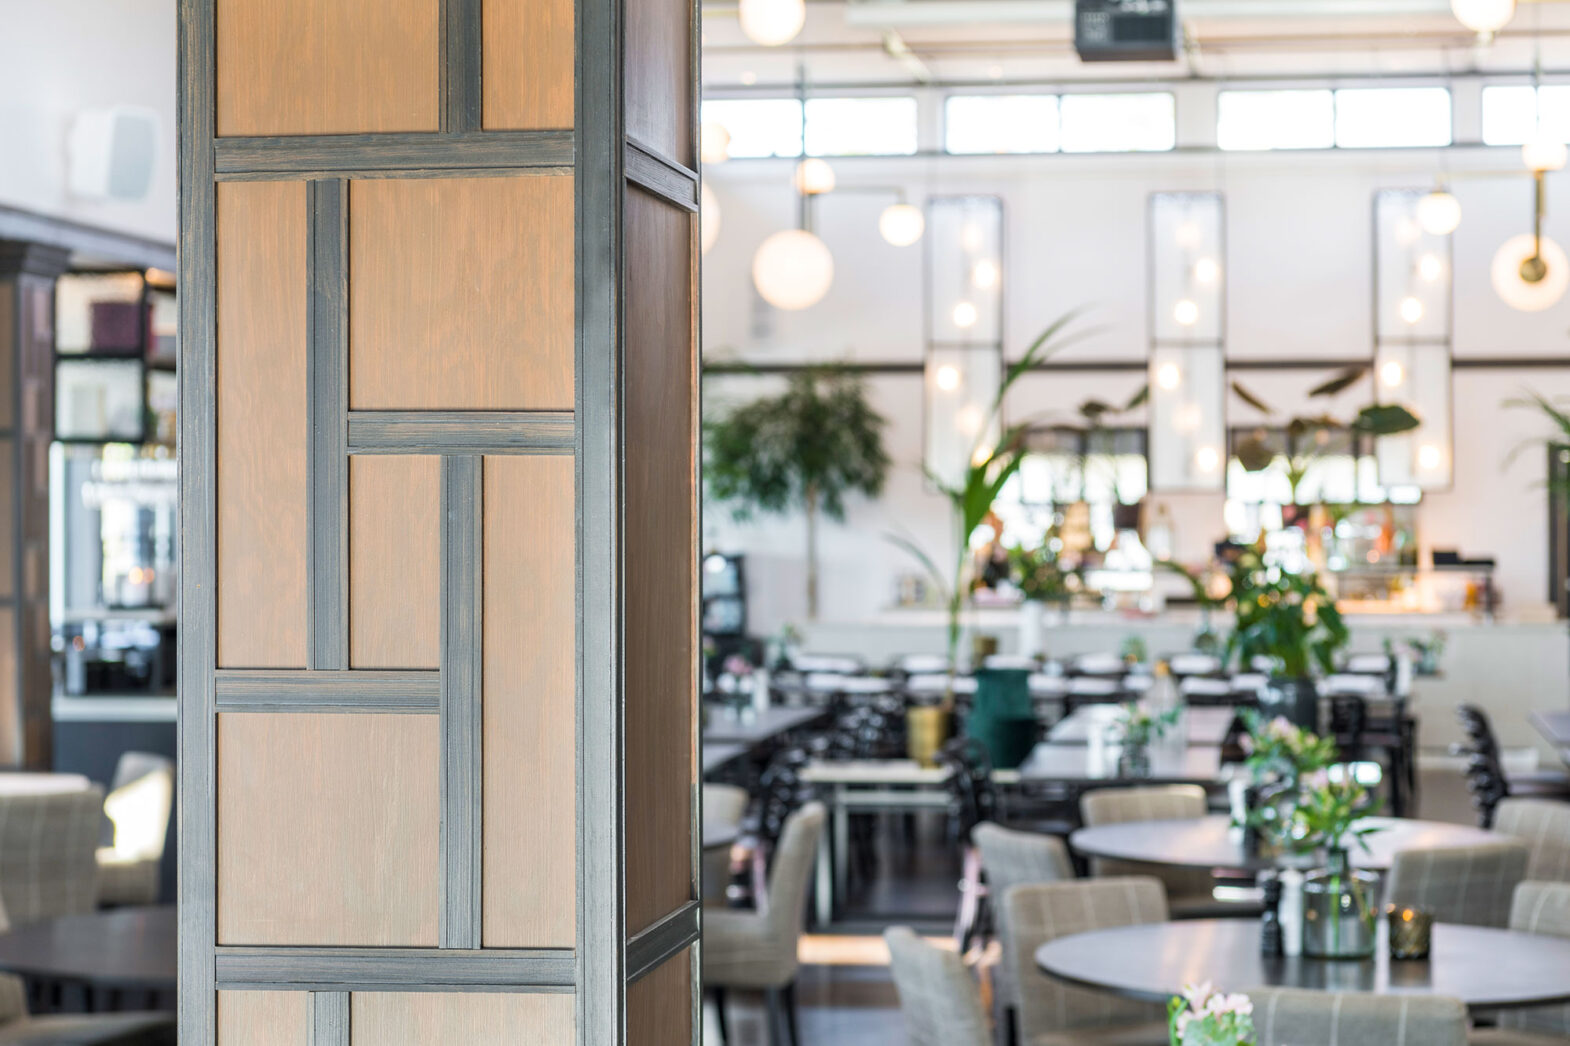 Restaurang Riviera på Hotel Riviera Strand.